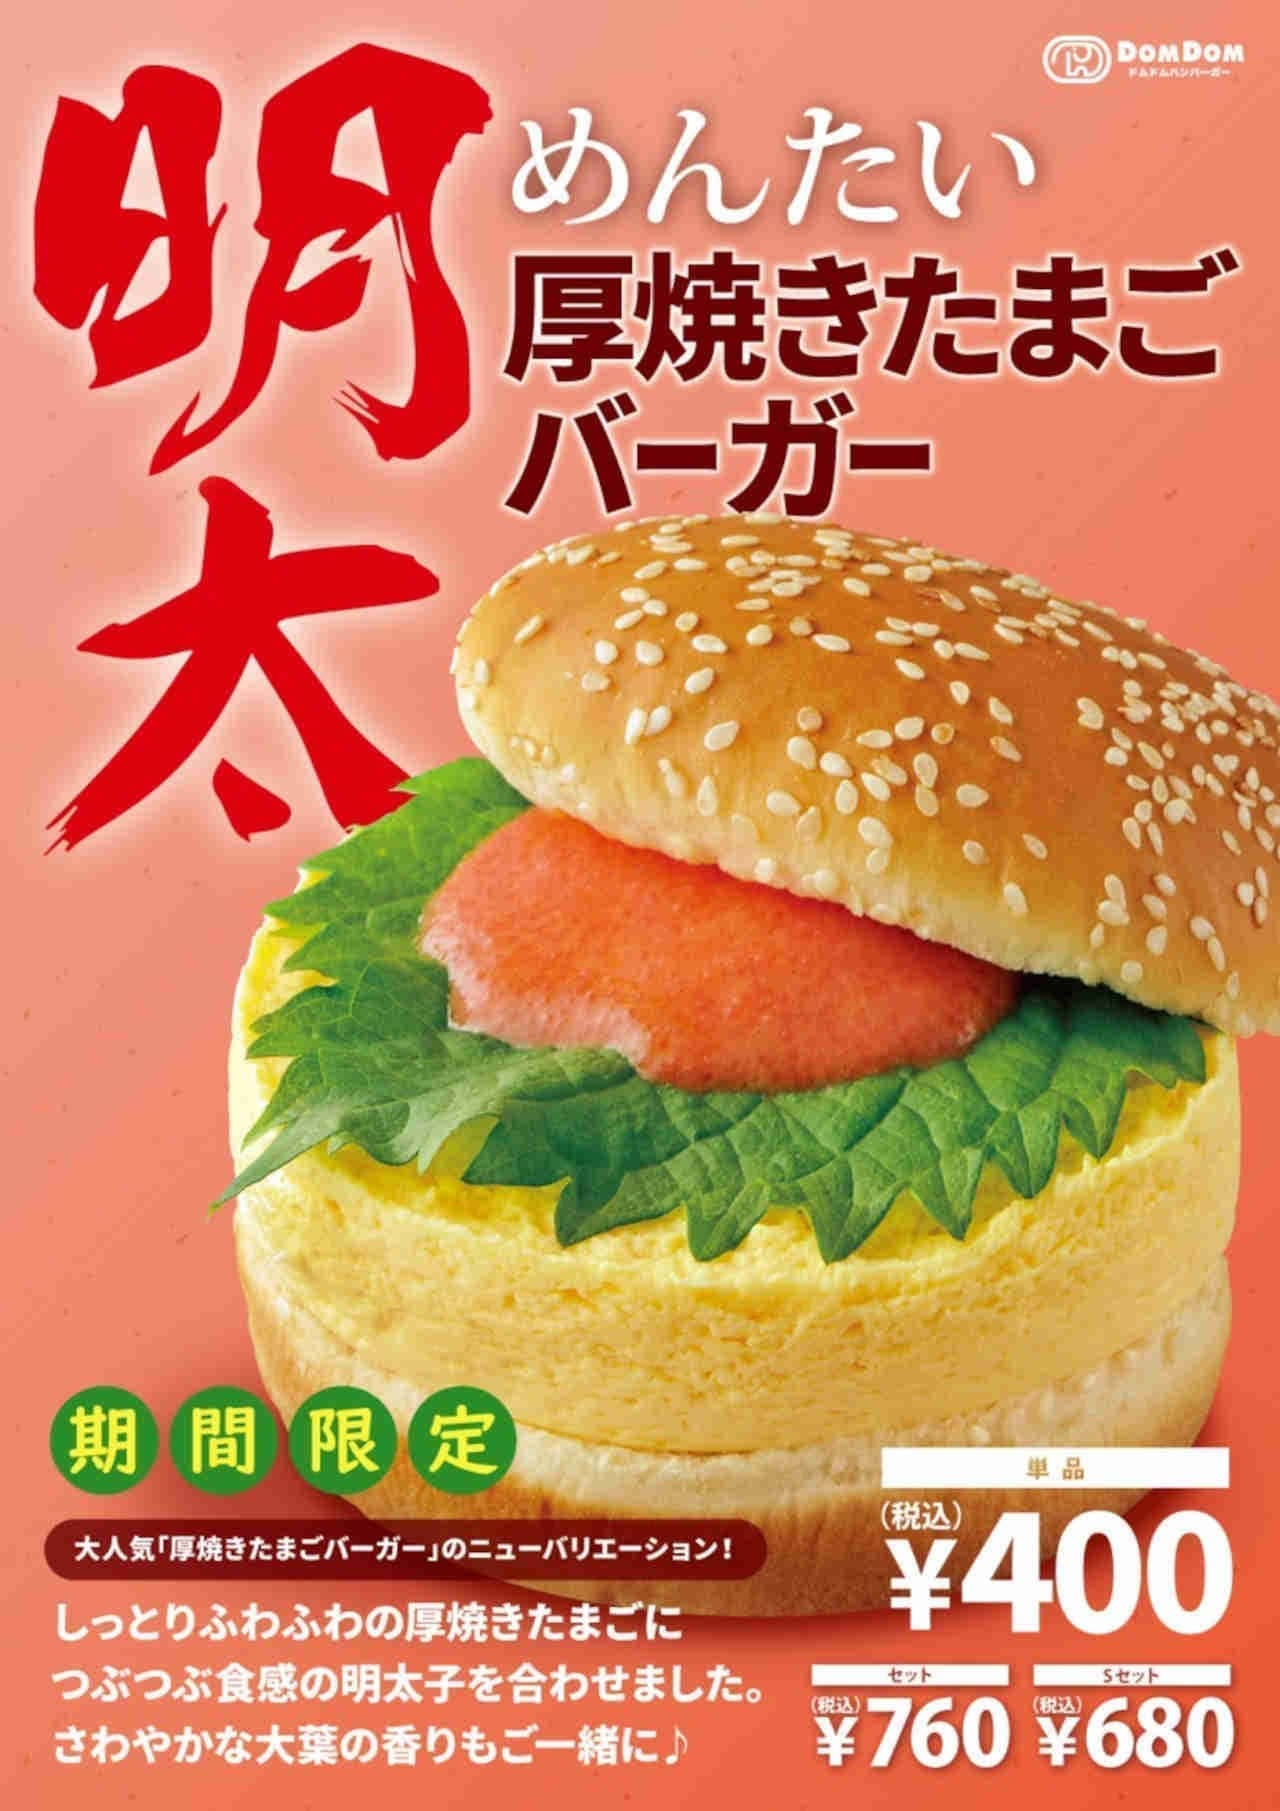 ドムドムハンバーガー「明太厚焼きたまごバーガー」